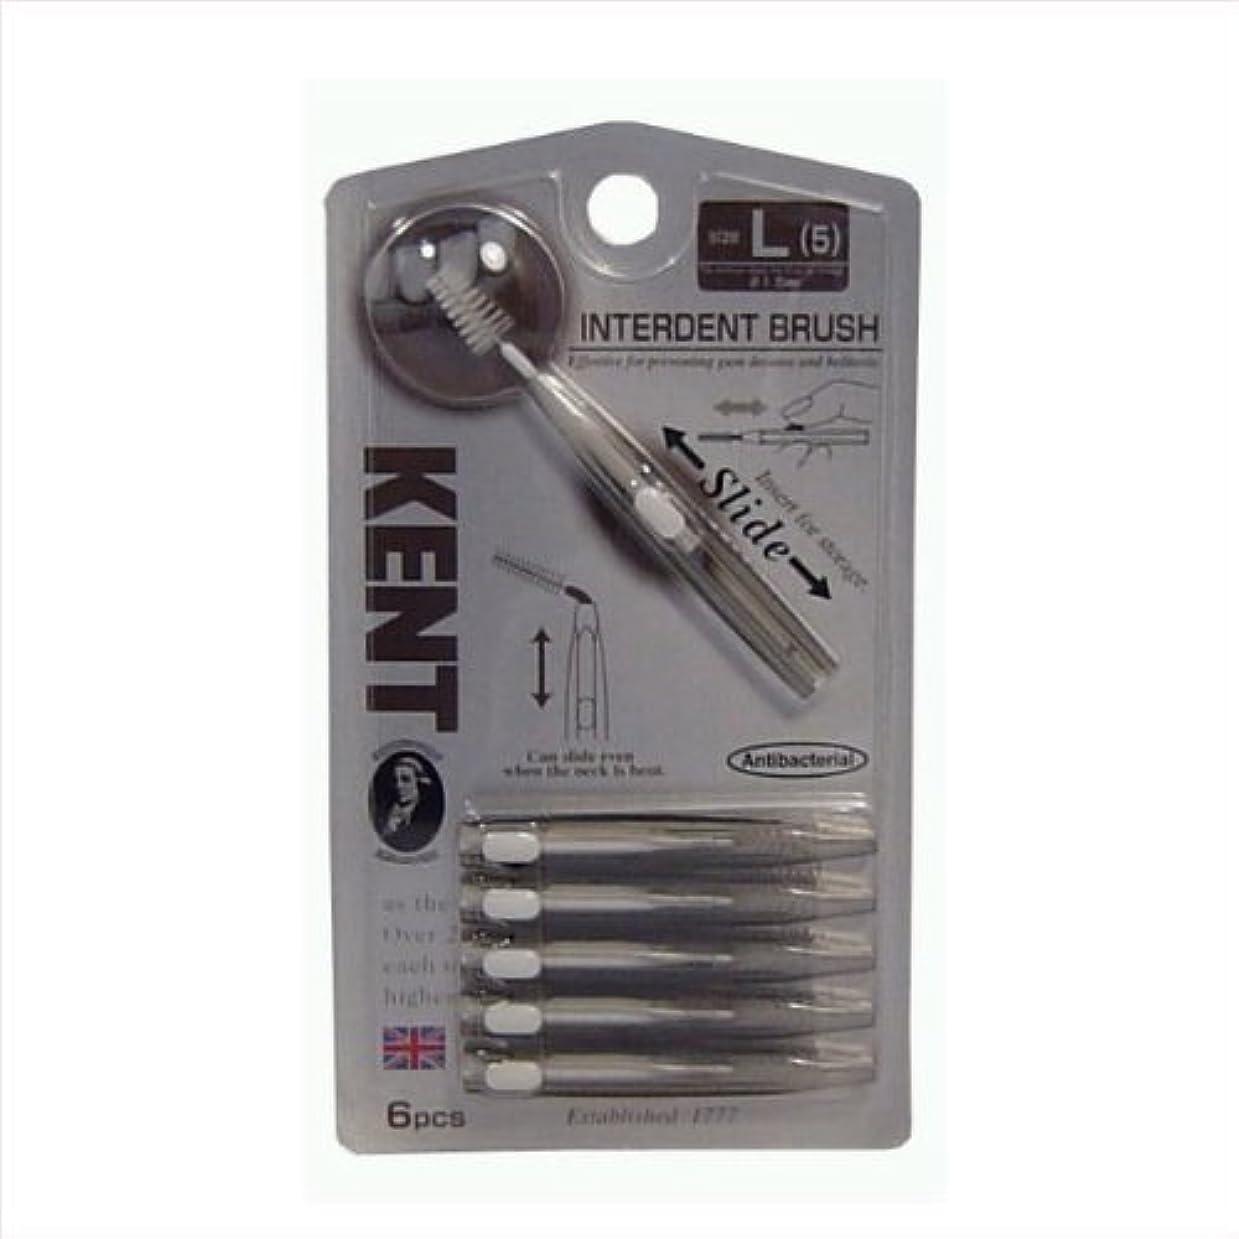 受付取得未知の池本 KNT7410 KENT 歯間ブラシL